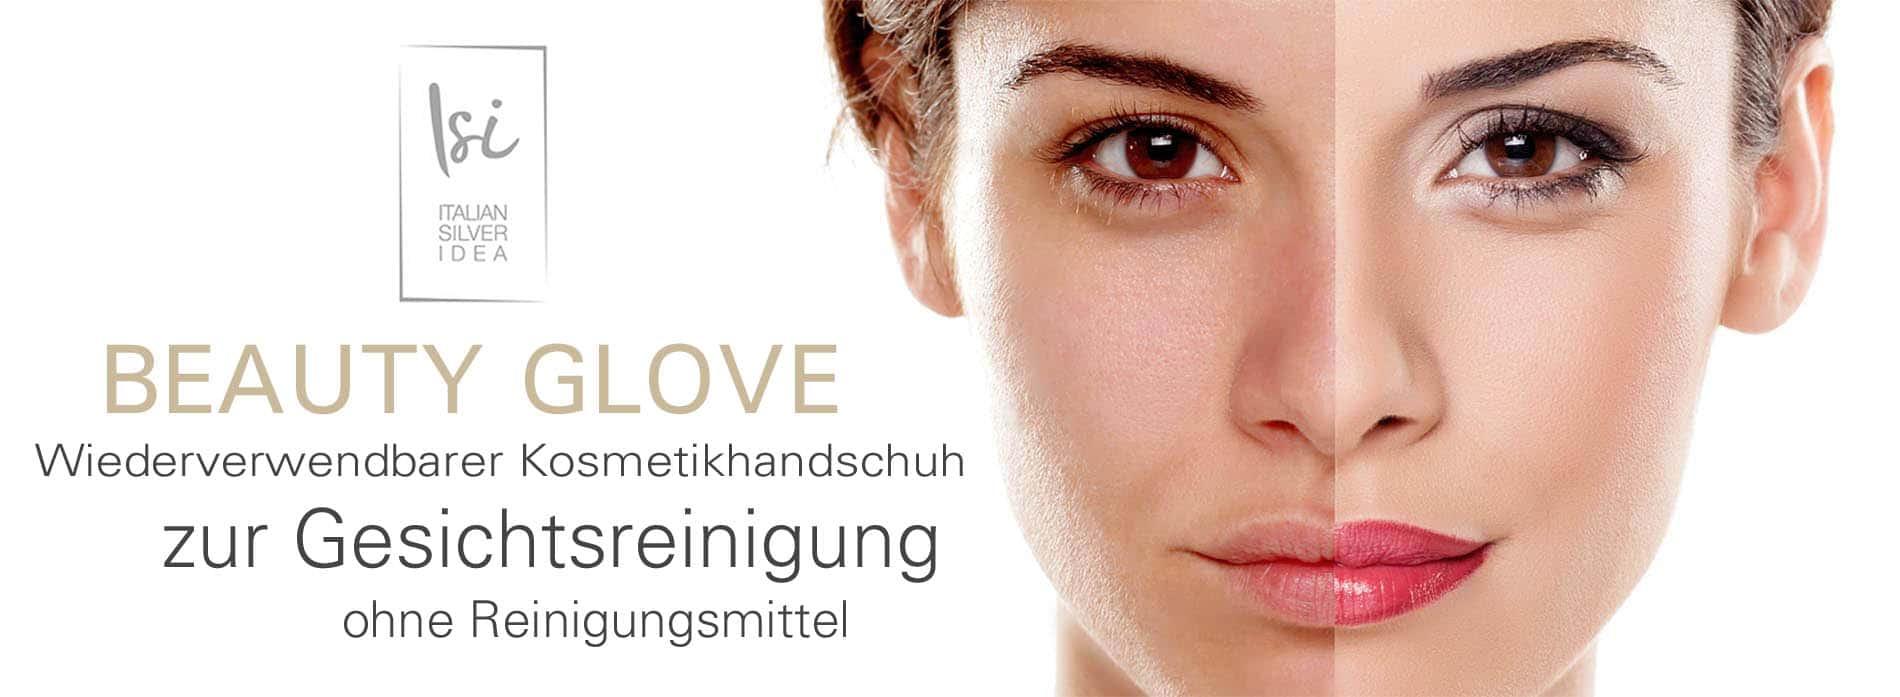 Der erste wiederverwendbare Kosmetikhandschuh, der keine Reinigungsmittel benötigt